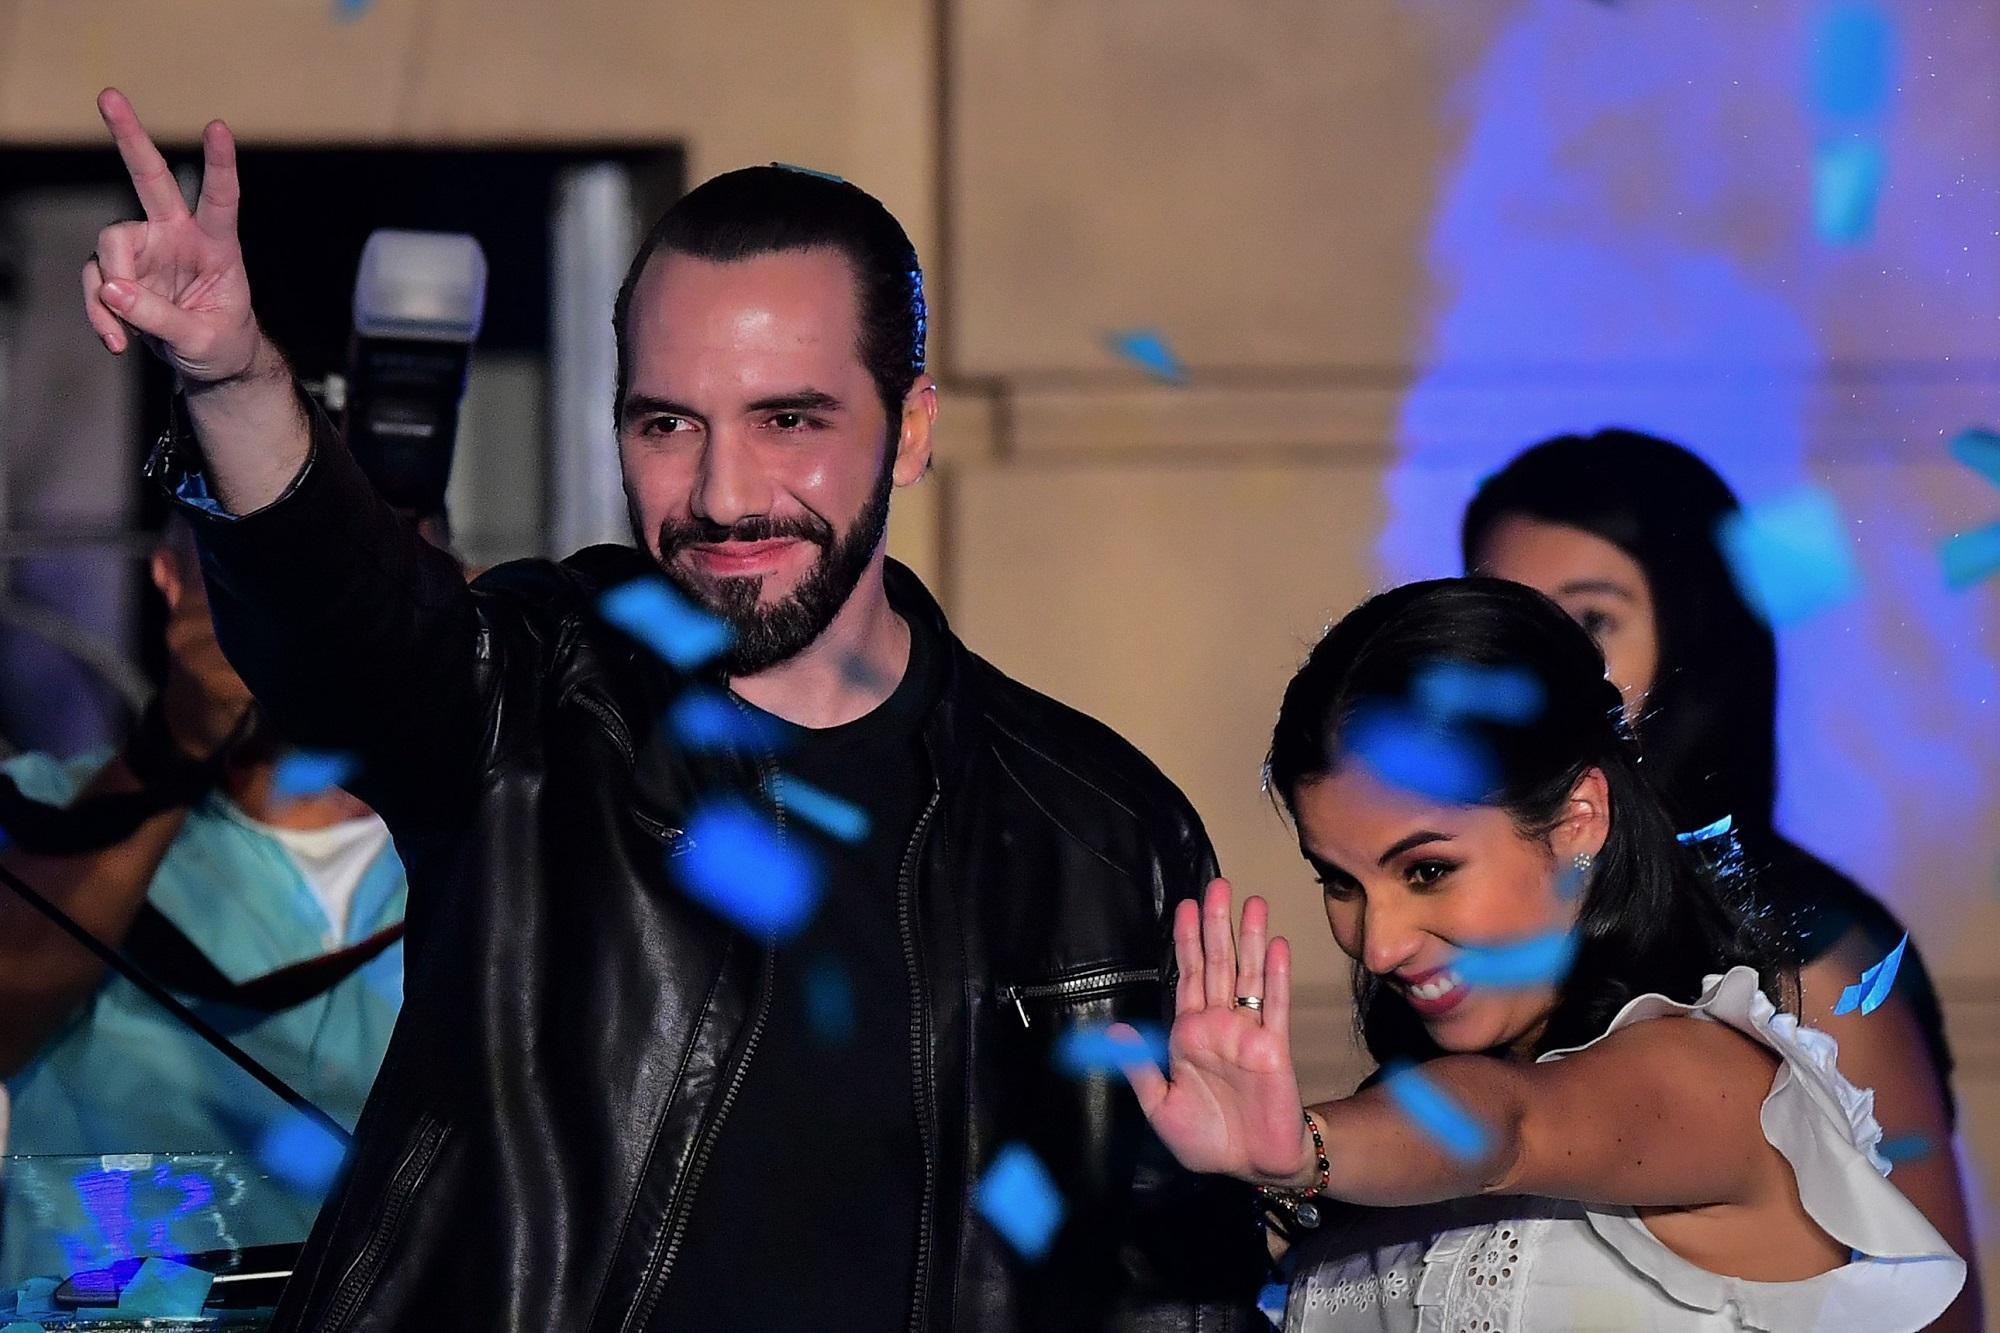 Nayib Bukele celebra los resultados obtenidos en la elección presidencial del 3 de febrero de 2019. Lo acompaña su esposa Gabriela Rodríguez, quien fue la encargada de la plataforma de educación del candidato. Foto de Luis Acosta, AFP